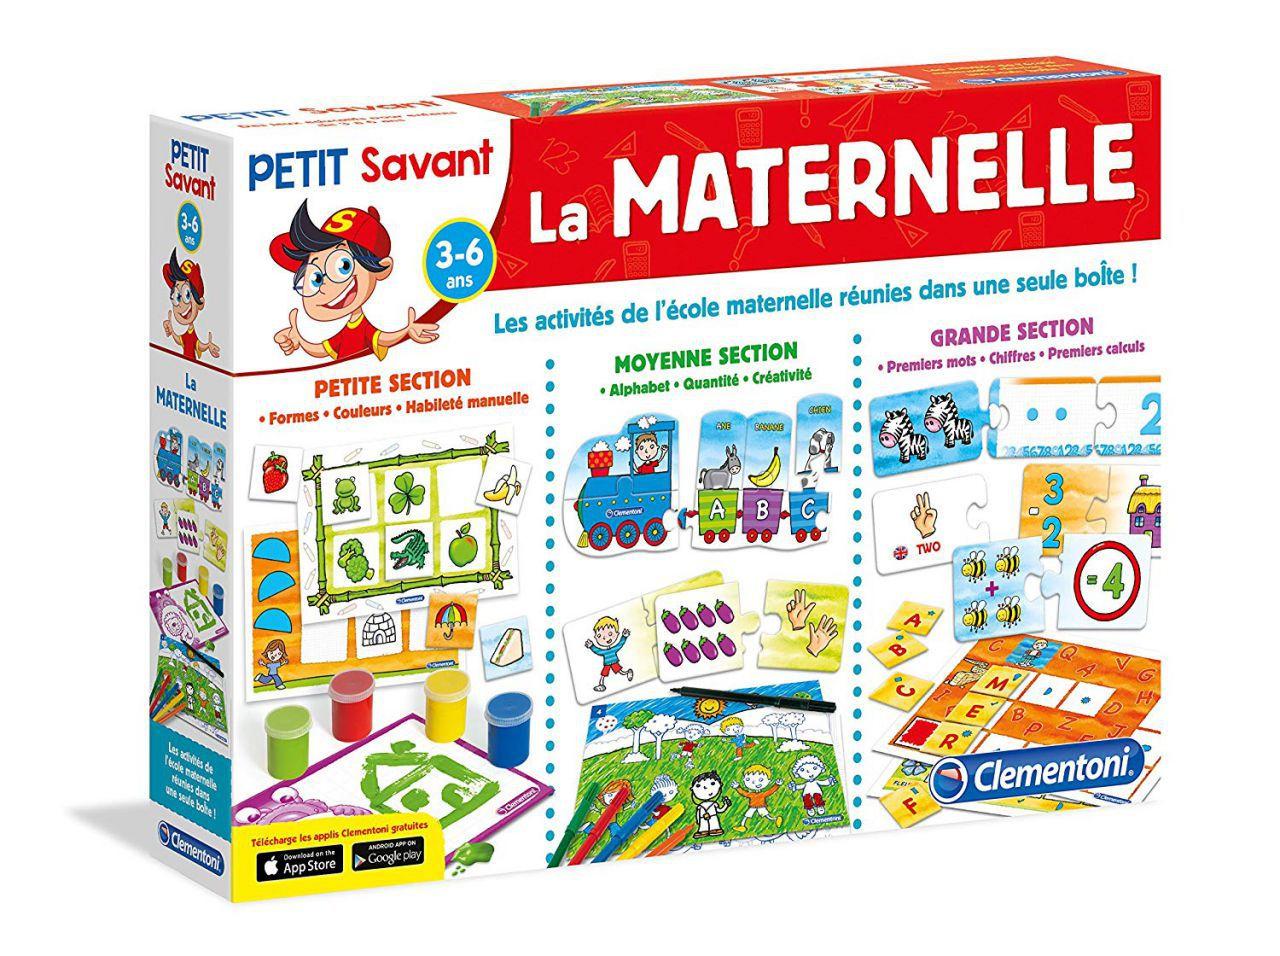 Nos 5 Meilleurs Cadeaux Pour Enfants En Maternelle - Le Parisien dedans Jeu Noel Maternelle